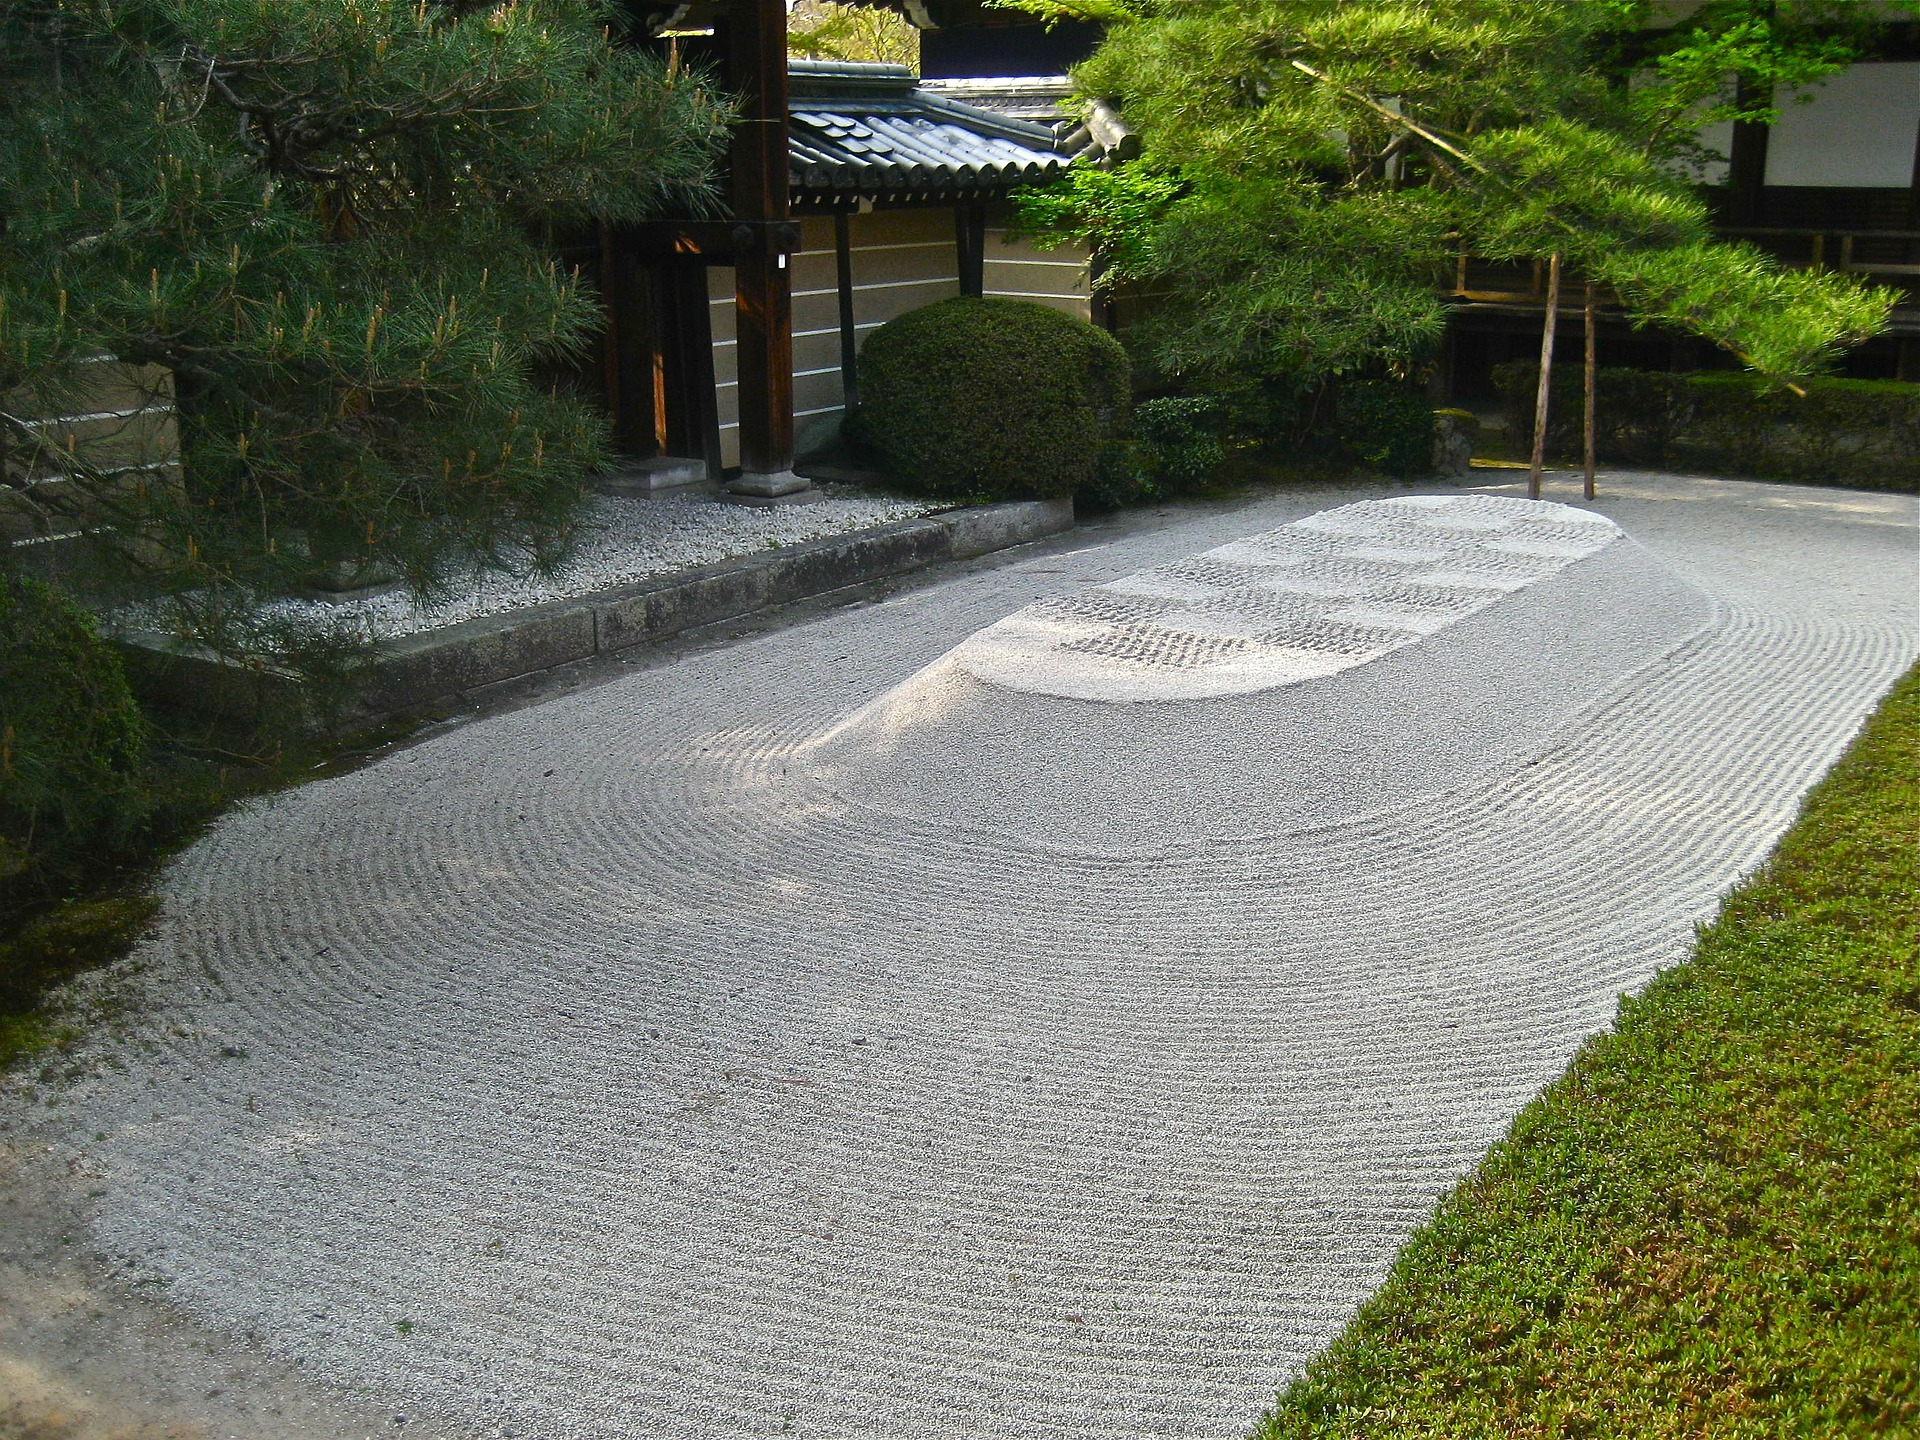 鎌倉時代から続く暮れの行事、煤払い